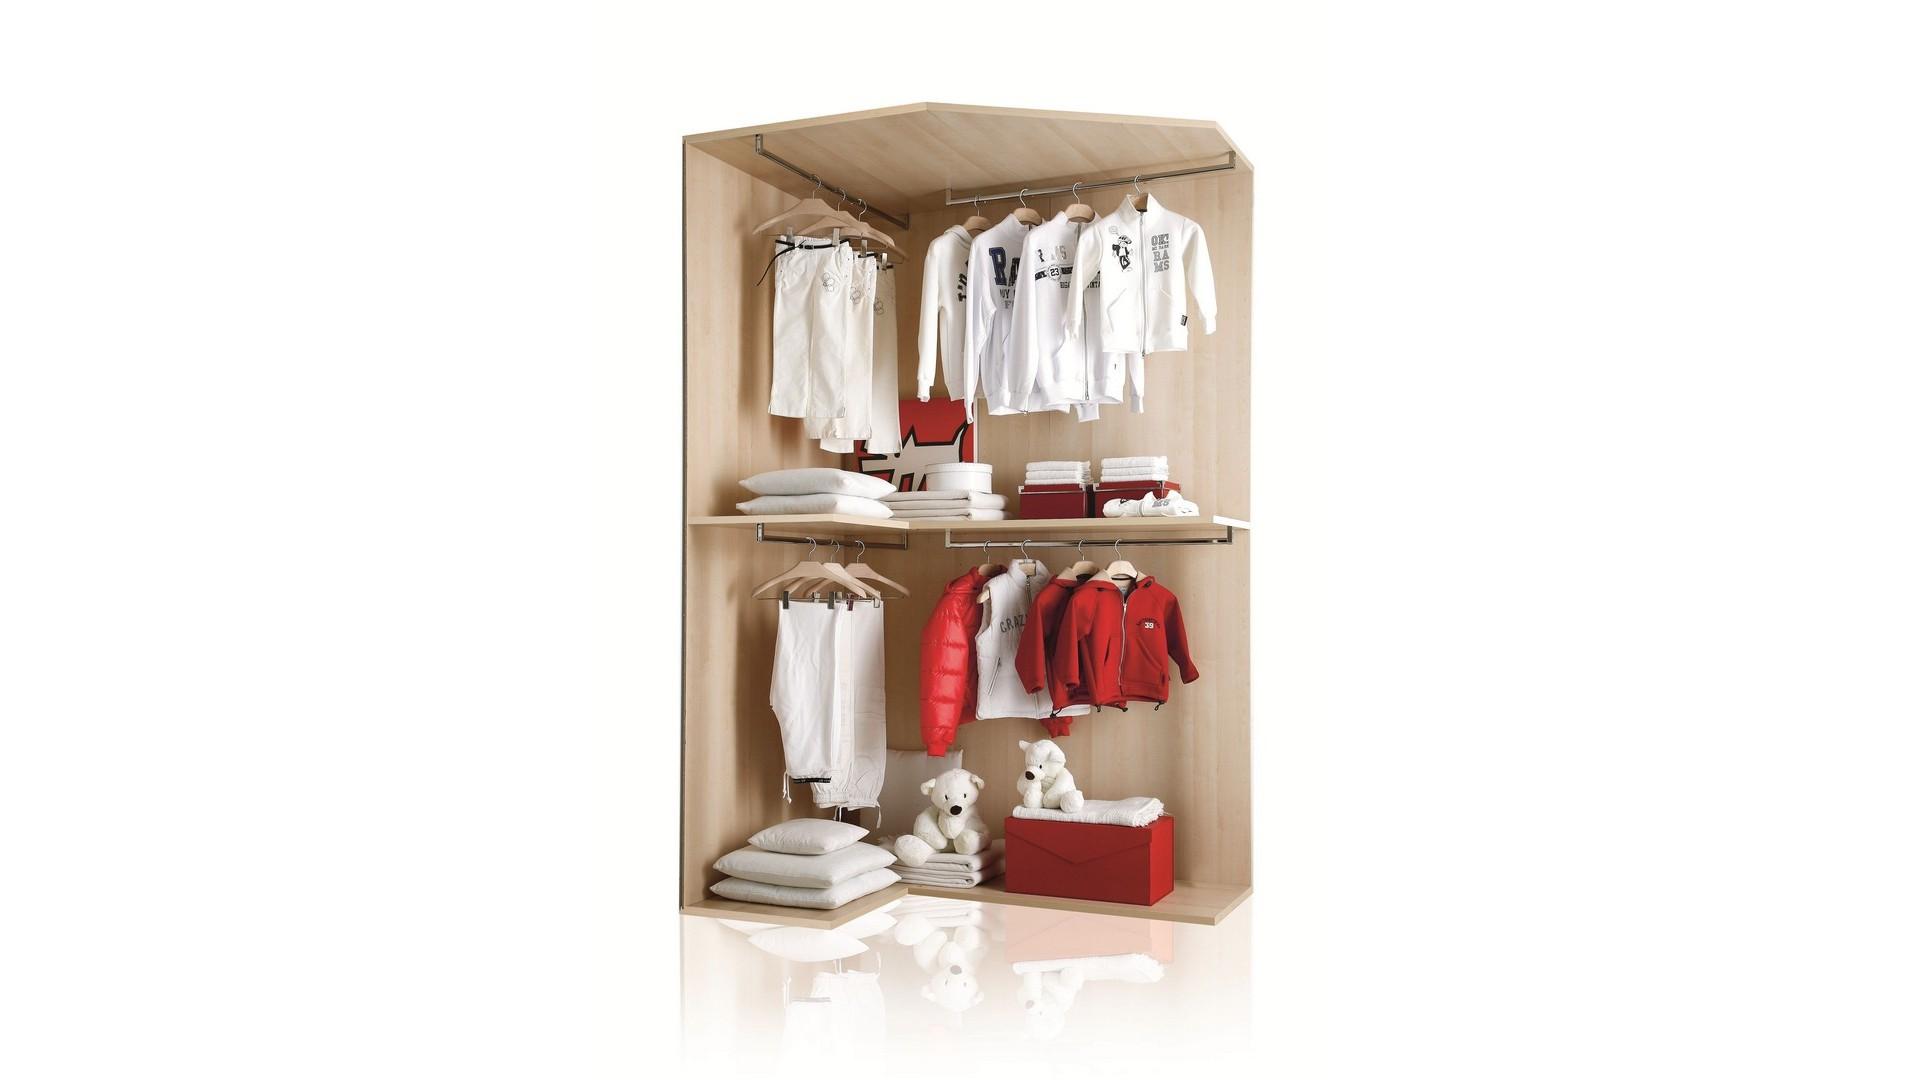 Cabine armadio modulari per camerette - Mondo convenienza cabine armadio ...